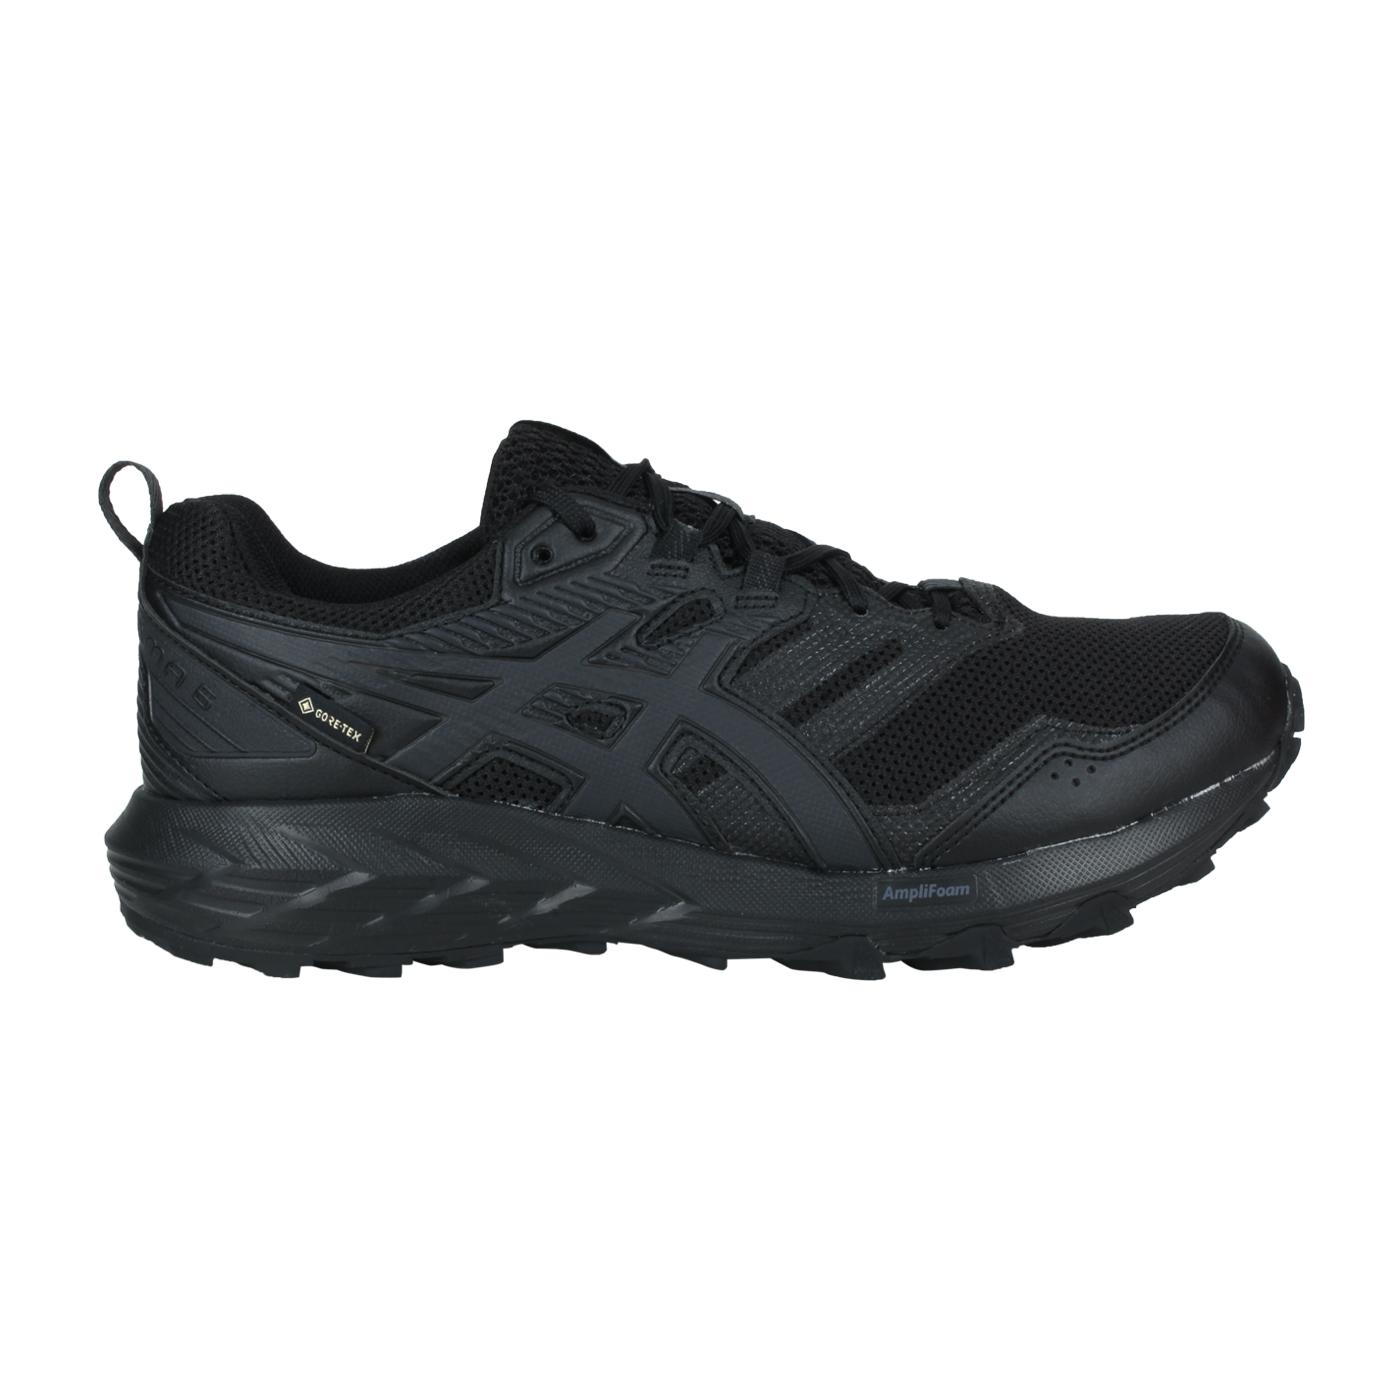 ASICS 女款慢跑鞋  @GEL-SONOMA 6 G-TX@1012A921-002 - 黑